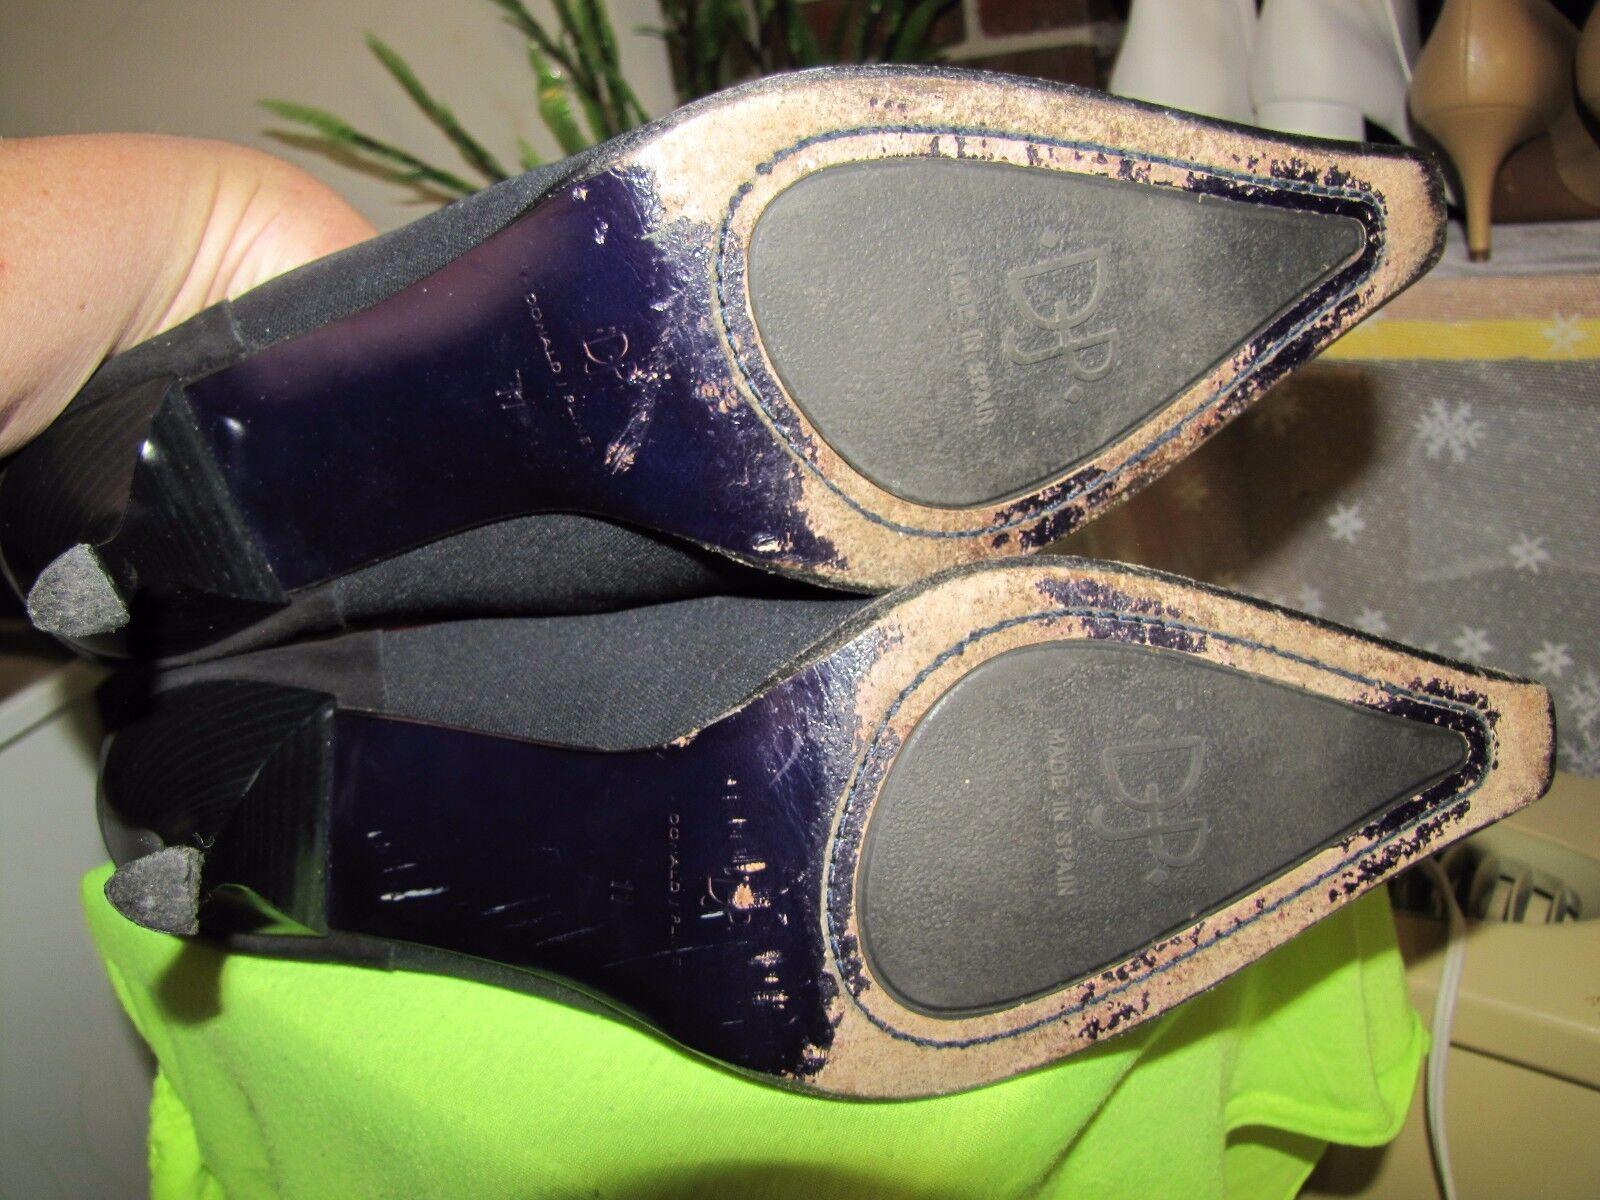 Donald J Pliner Pliner Pliner Black Mule Heel shoes size 11 M 697f72